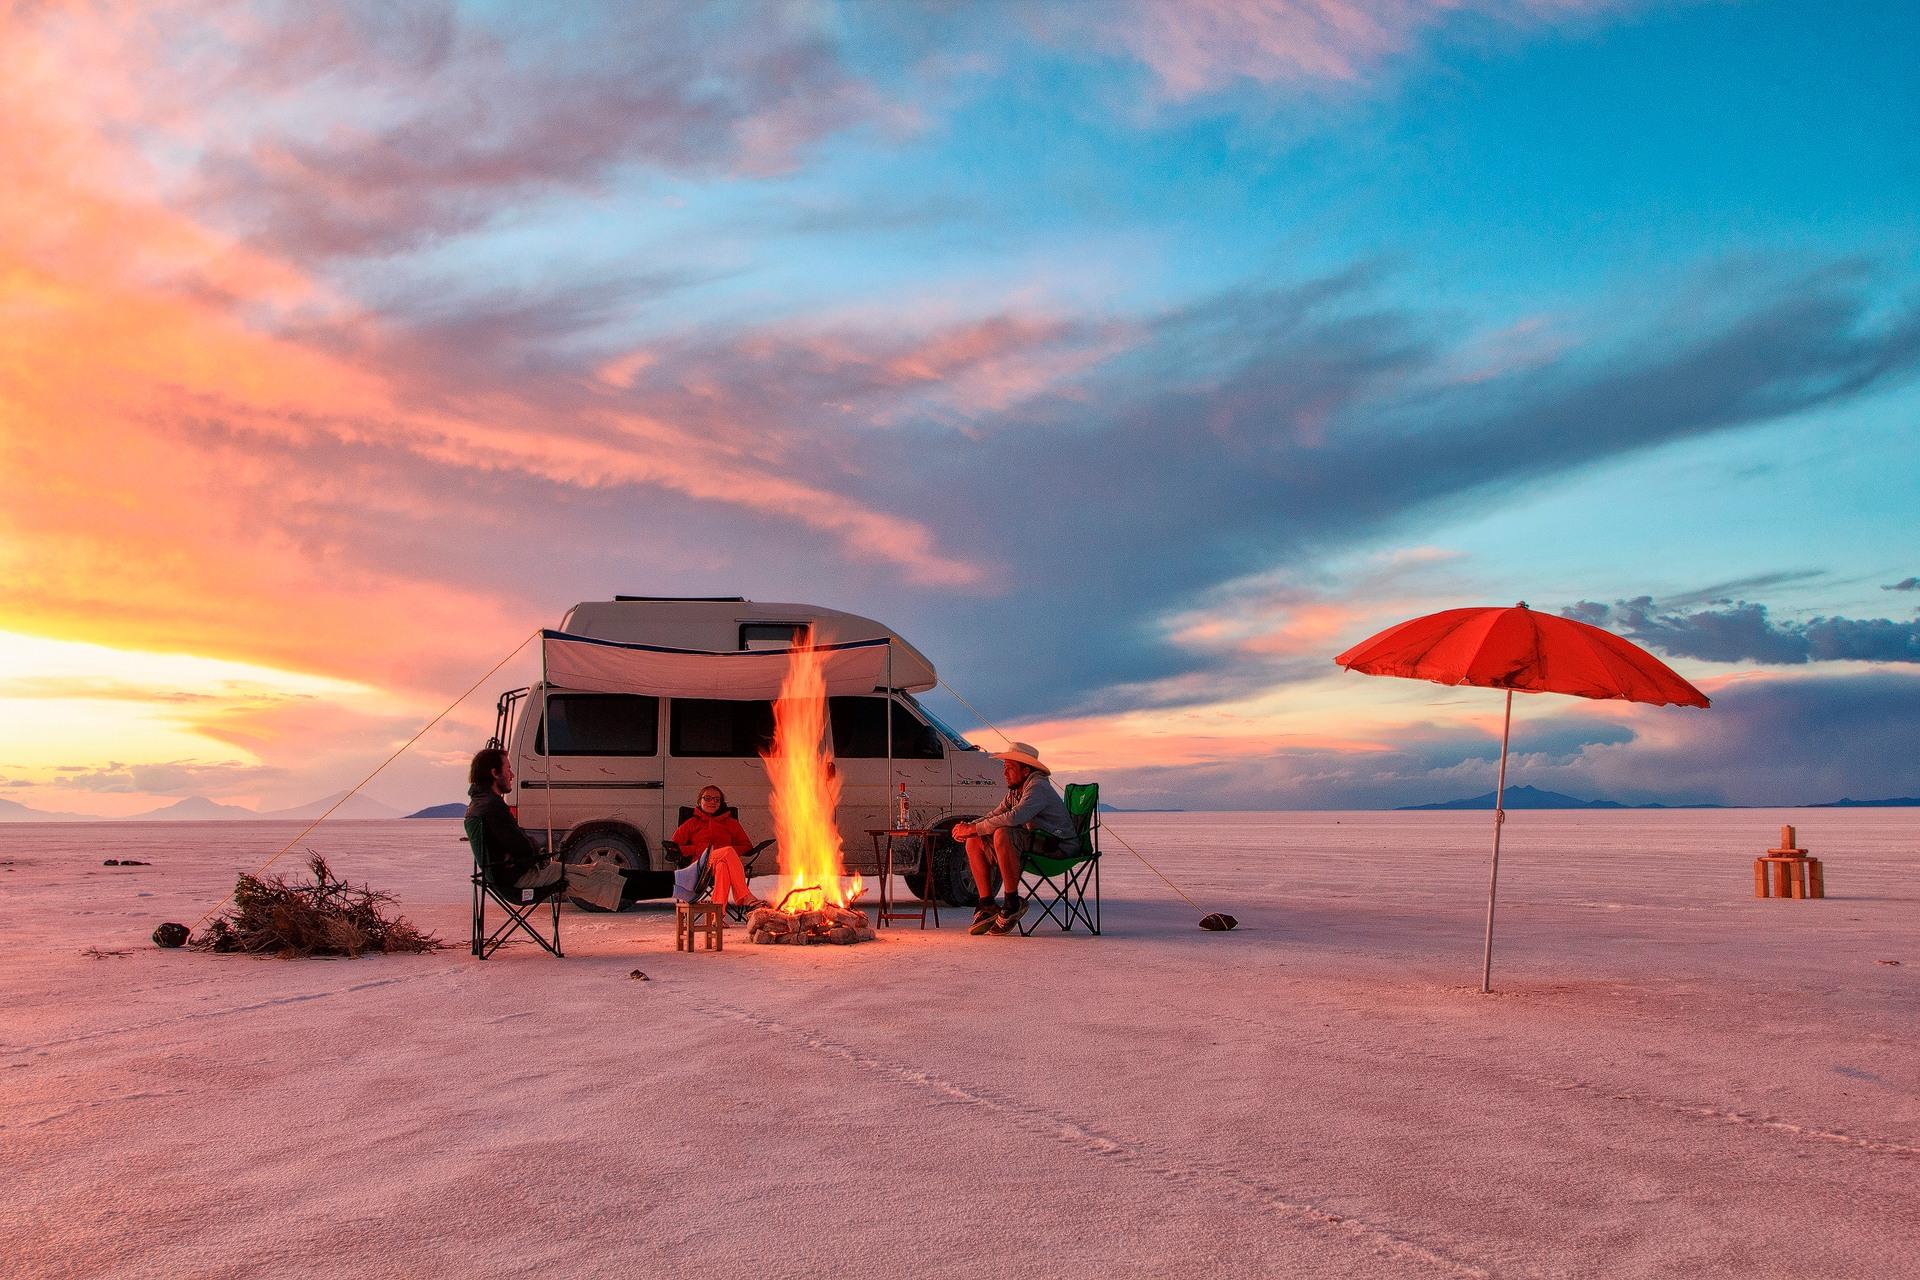 Uyuni salt flat, Uyuni Salzsee, potosi, bolivia, bolivien, salar de uyuni, camping, fireplace, car, volkswagen, camping on salar, camping on salt lake